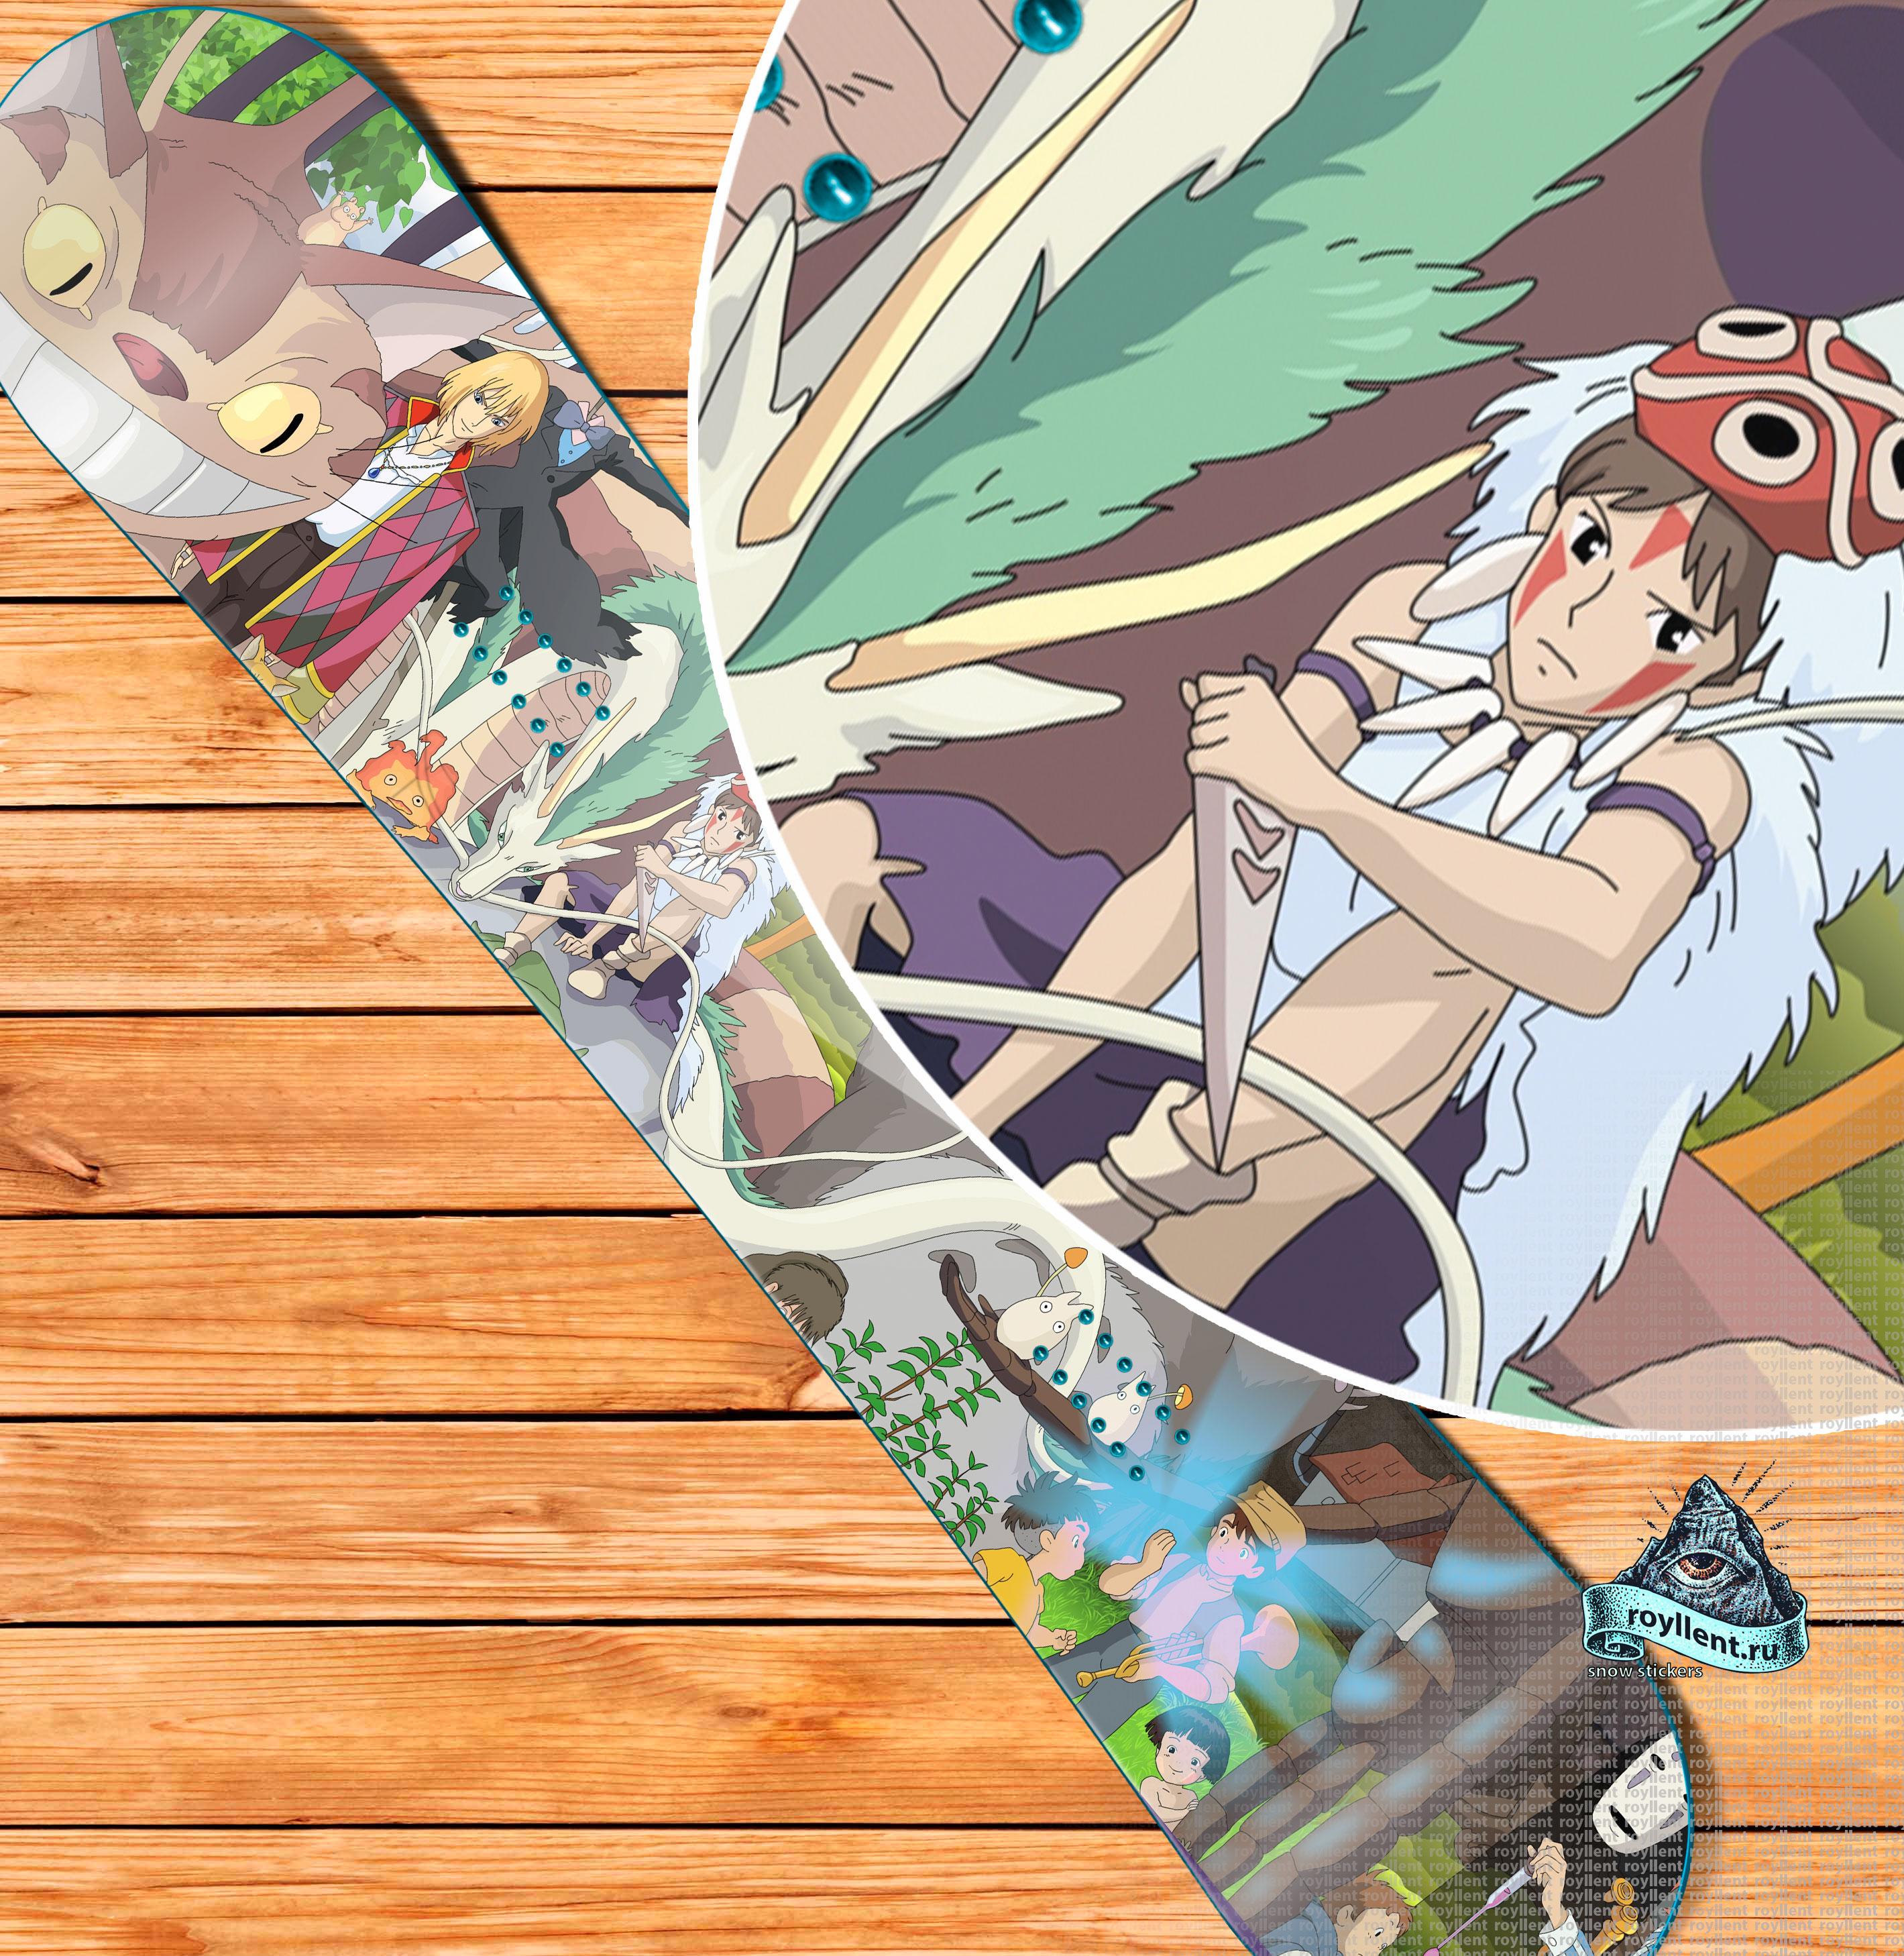 Студия Гибли — японская анимационная студия. Студию основал в 1985 году режиссёр и сценарист Хаяо Миядзаки вместе со своим коллегой и другом Исао Такахатой при поддержке компании Tokuma, которая впоследствии совместно с Walt Disney будет распространять Принцессу Мононокэ и Унесённых призраками.